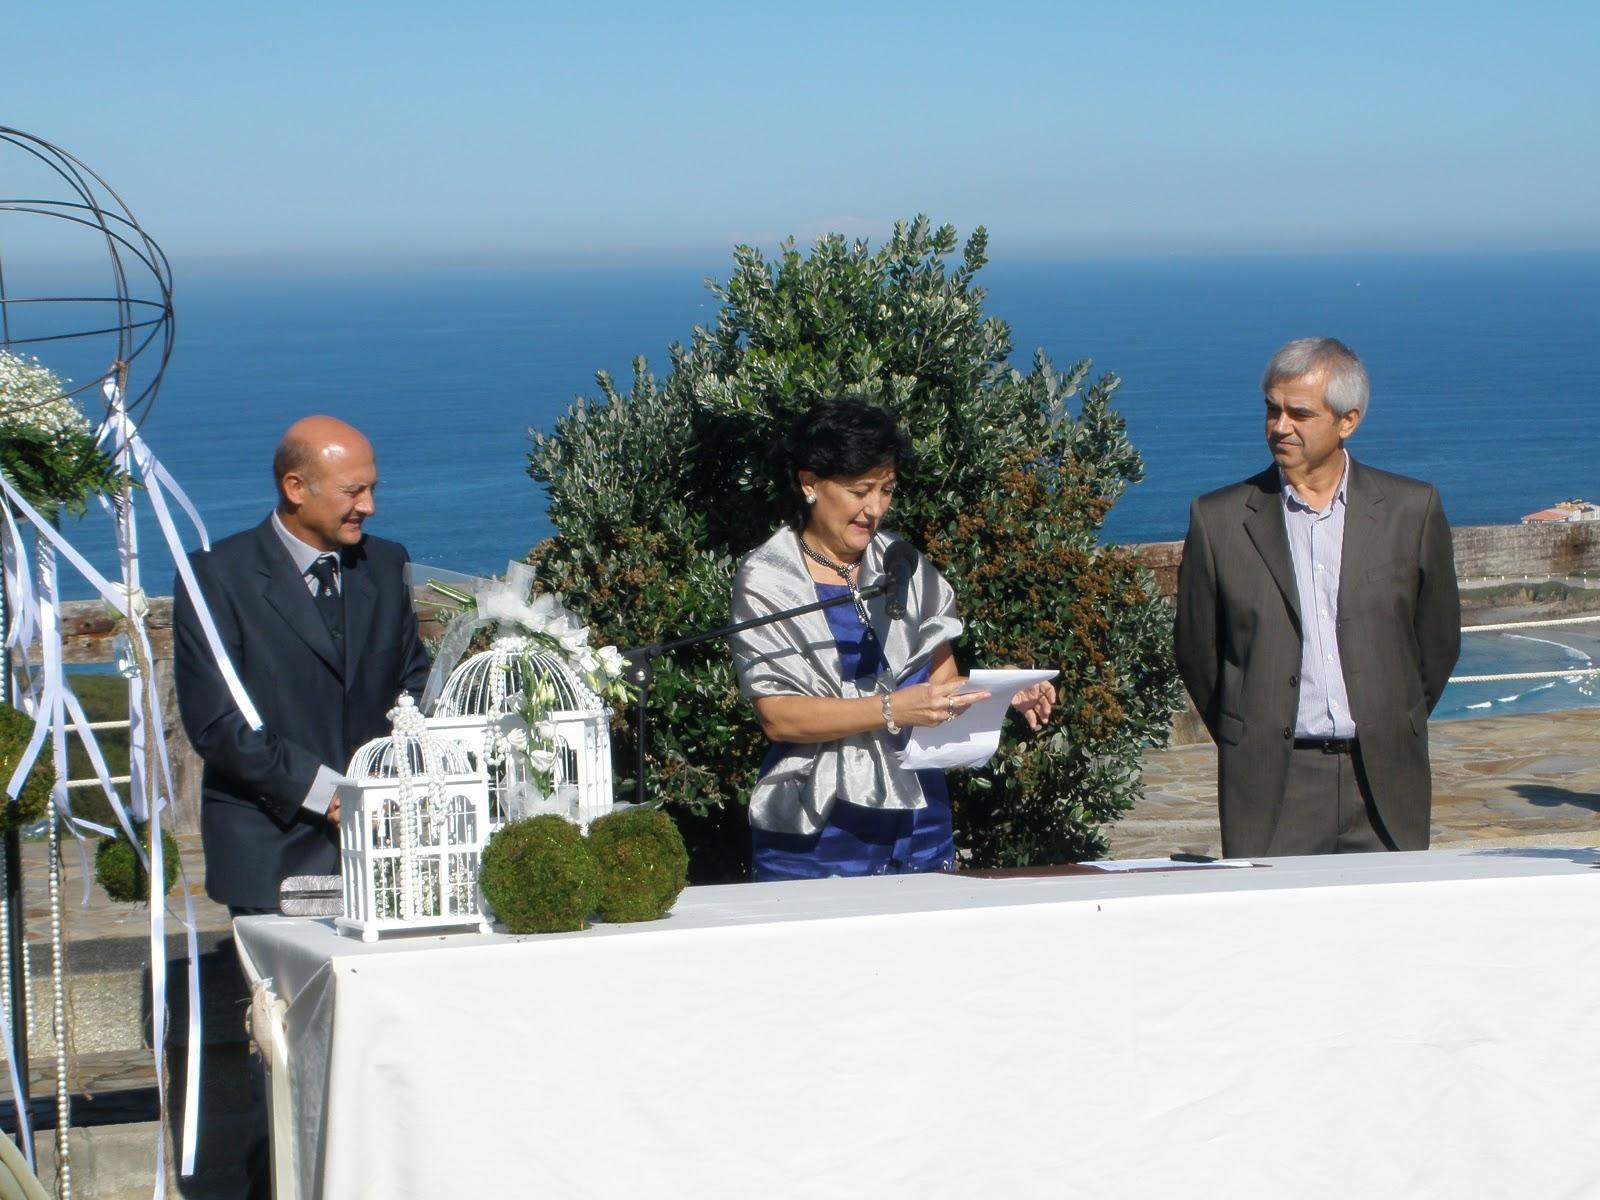 http://3.bp.blogspot.com/-aLr_7YiK9aQ/UIcfjNGRSBI/AAAAAAAAGrc/DzgIo5kvLjs/s1600/Ferrol+casa+y+boda+ignacio+056.JPG